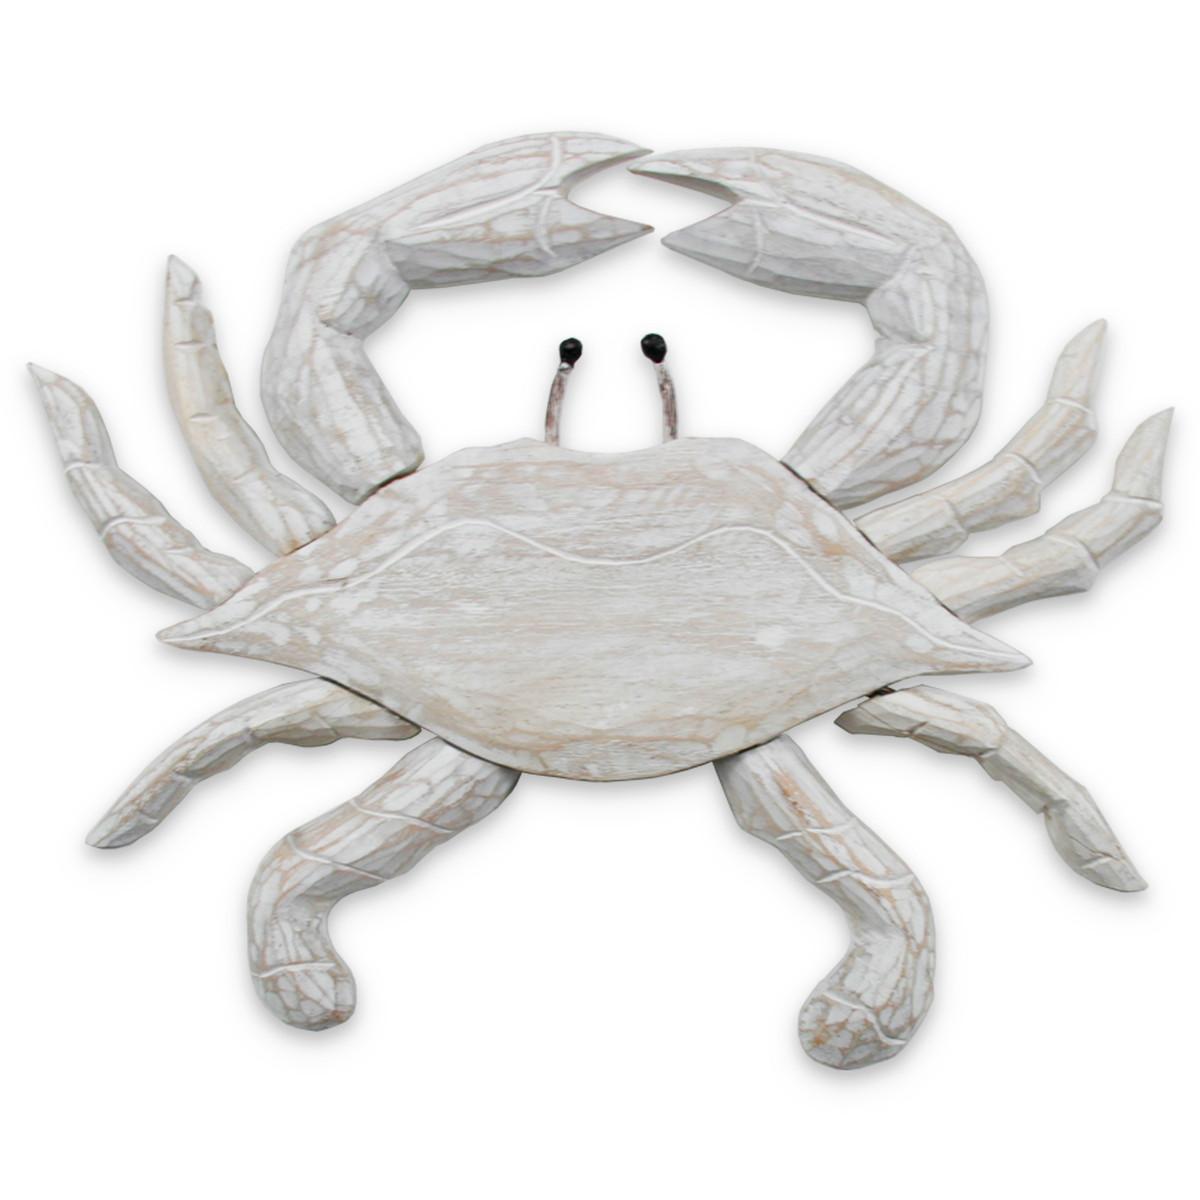 Medium Wall Crab Crab Wall Art C241